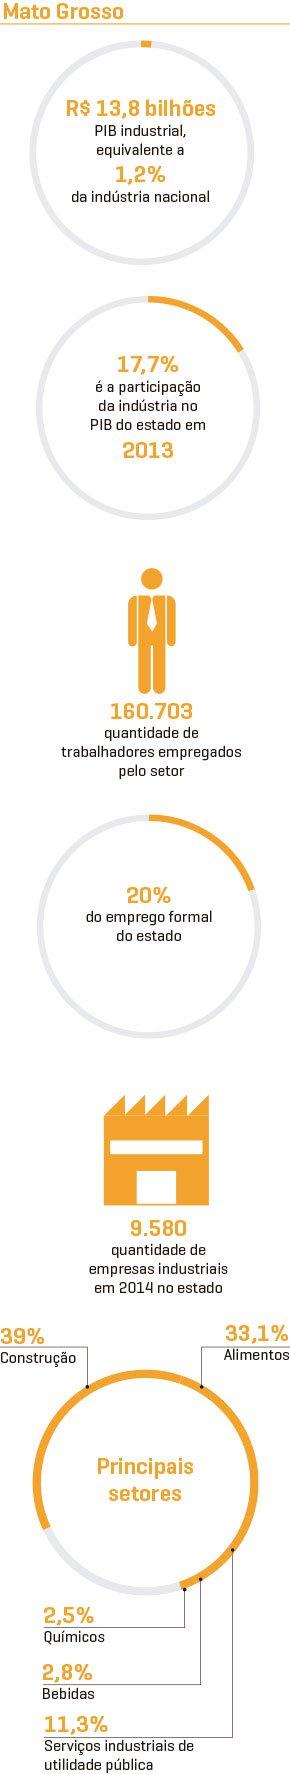 Info_mato_grosso_mobile